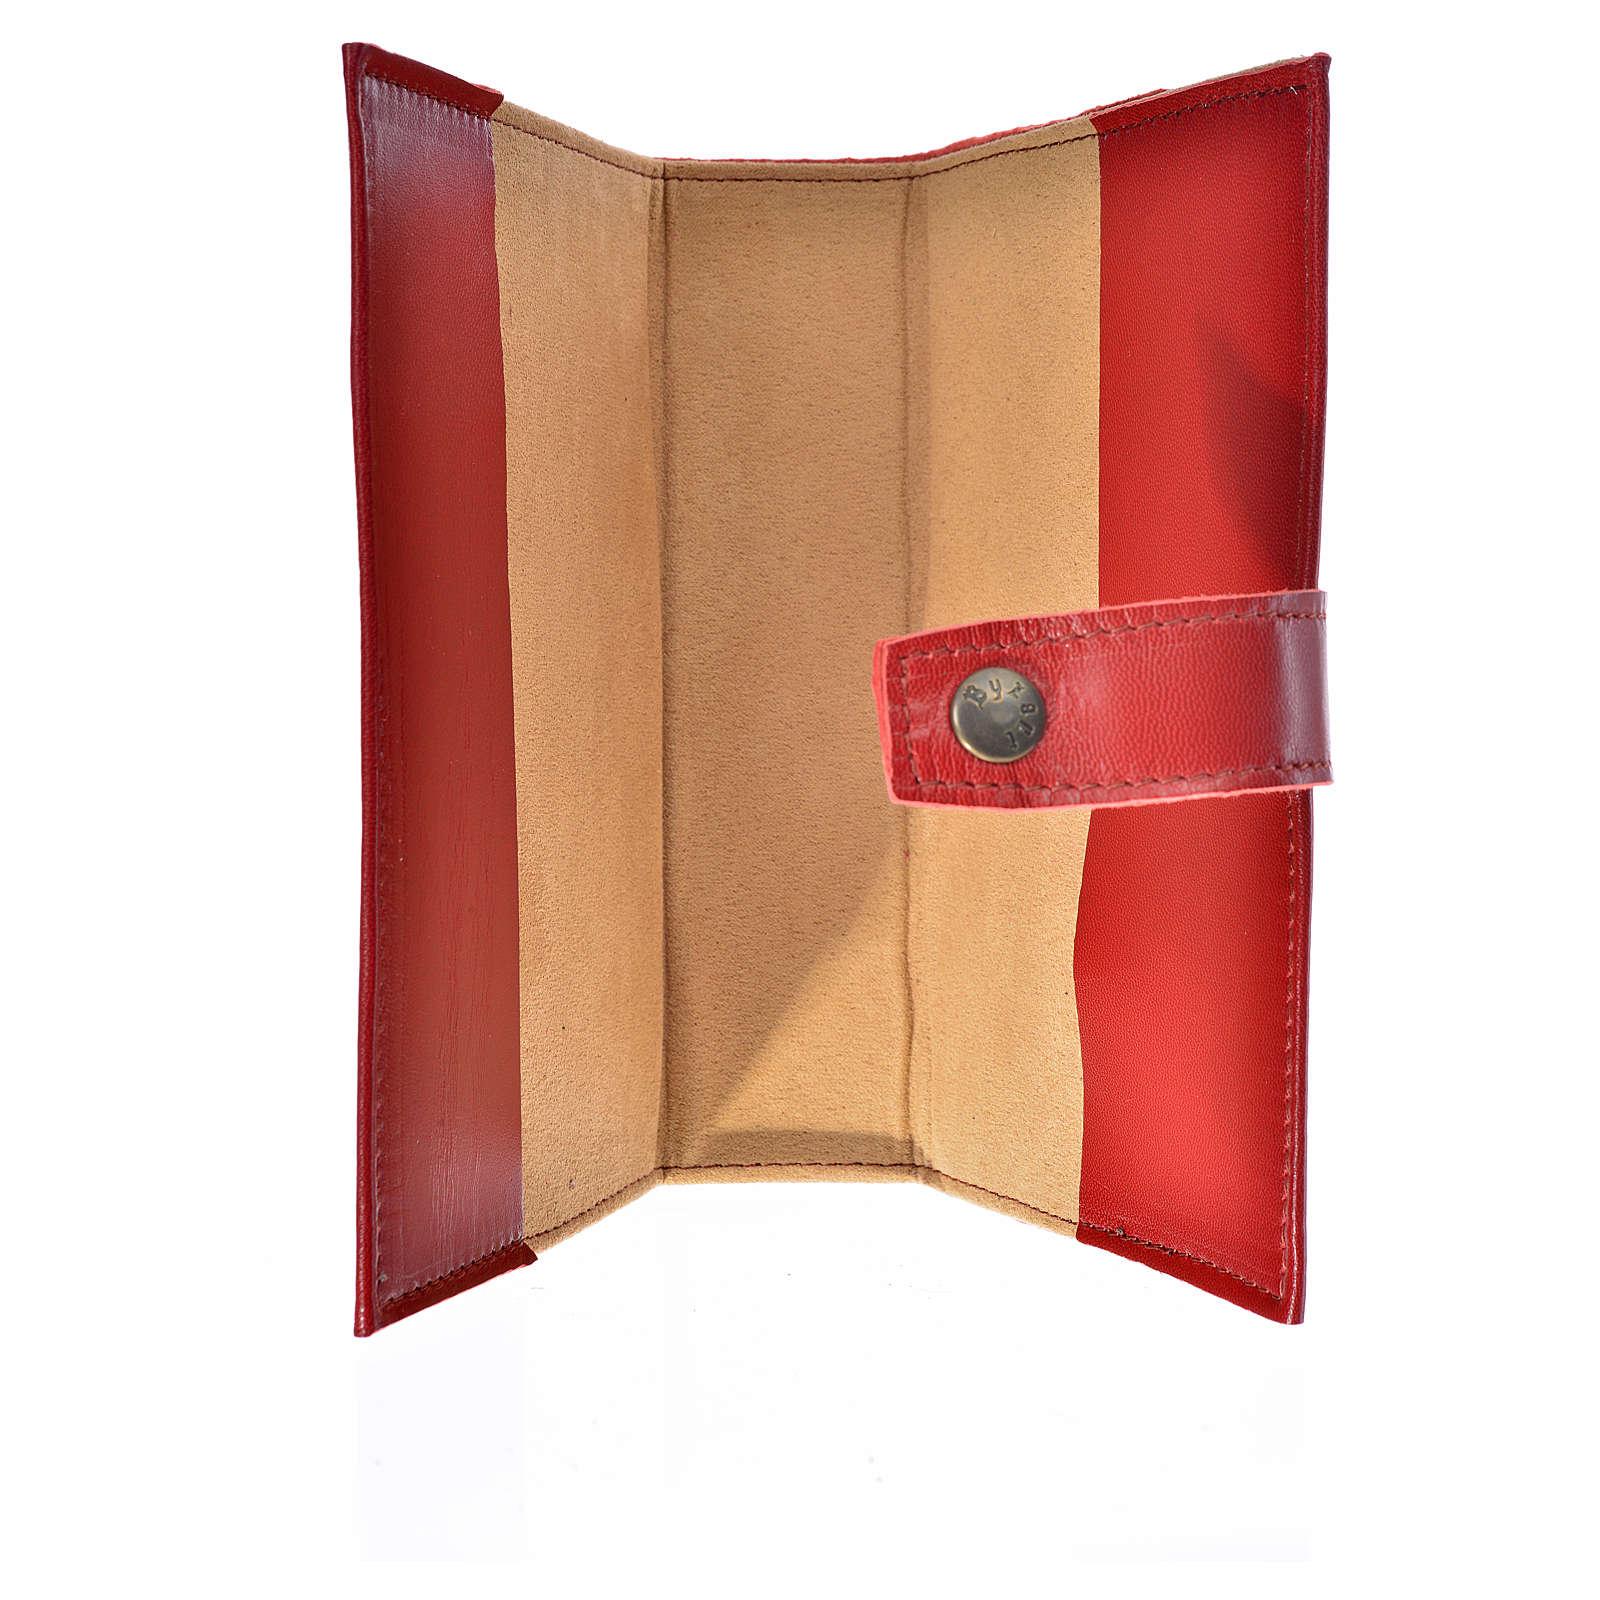 Funda Biblia Jerusalén Nueva Ed. cuero rojo Virgen Niño 4